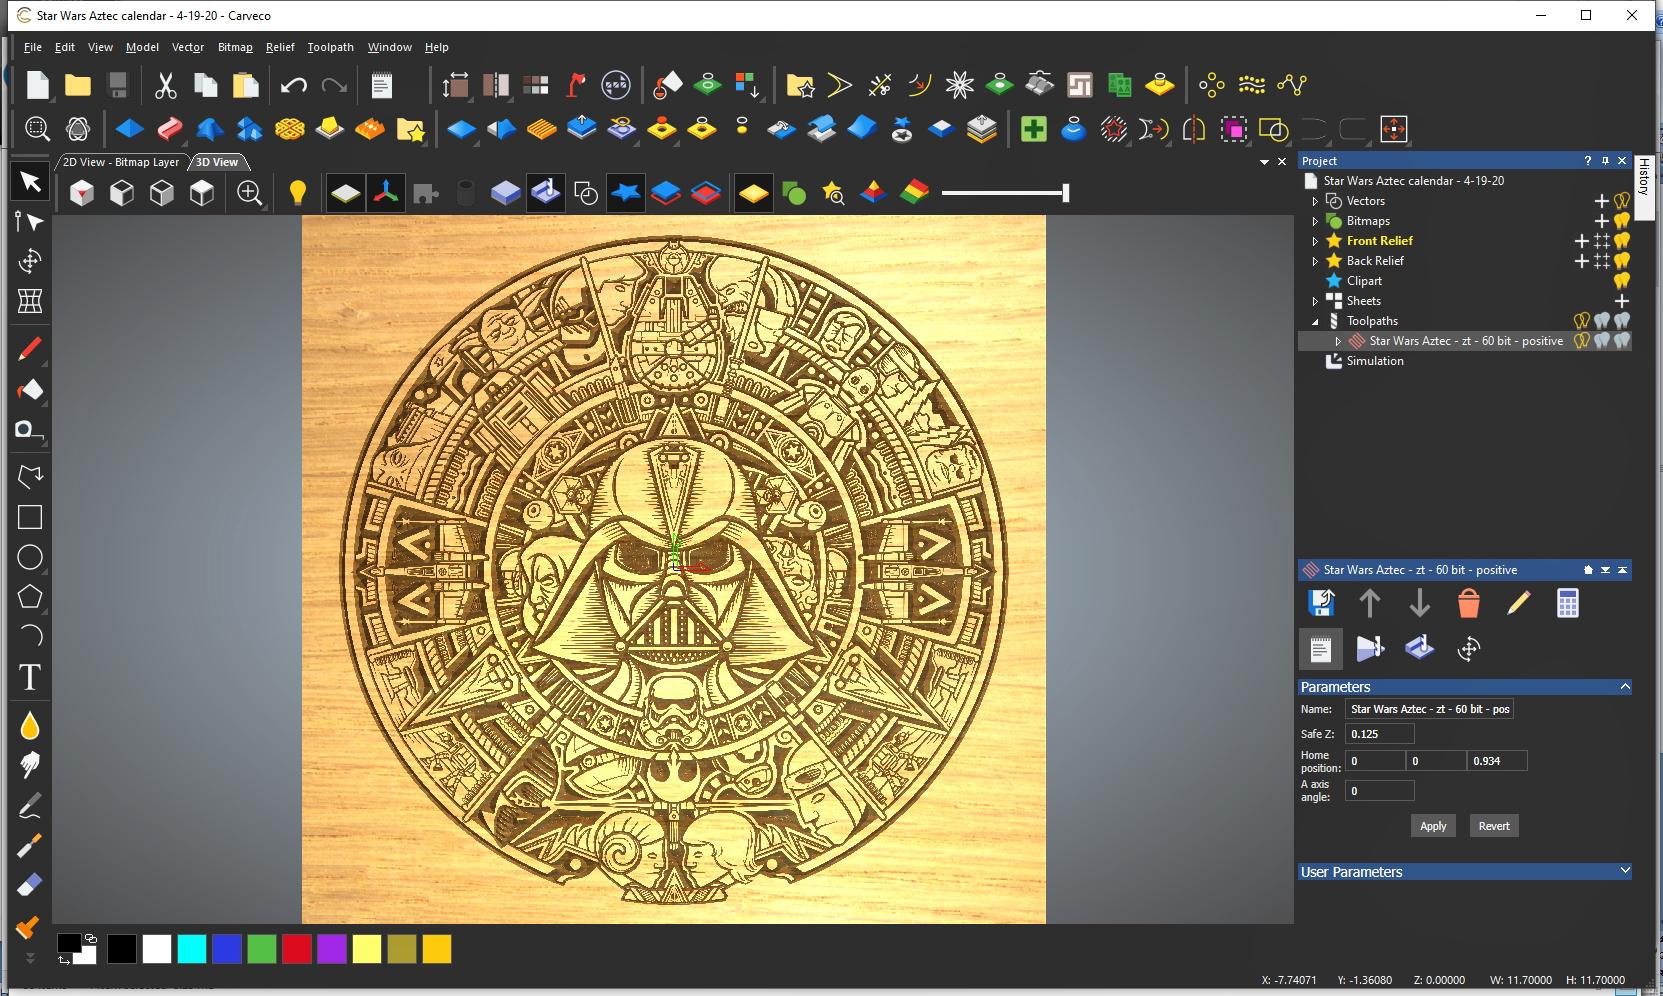 Star Wars Aztec calendar-007-star-wars-aztec-calendar-carveco.jpg